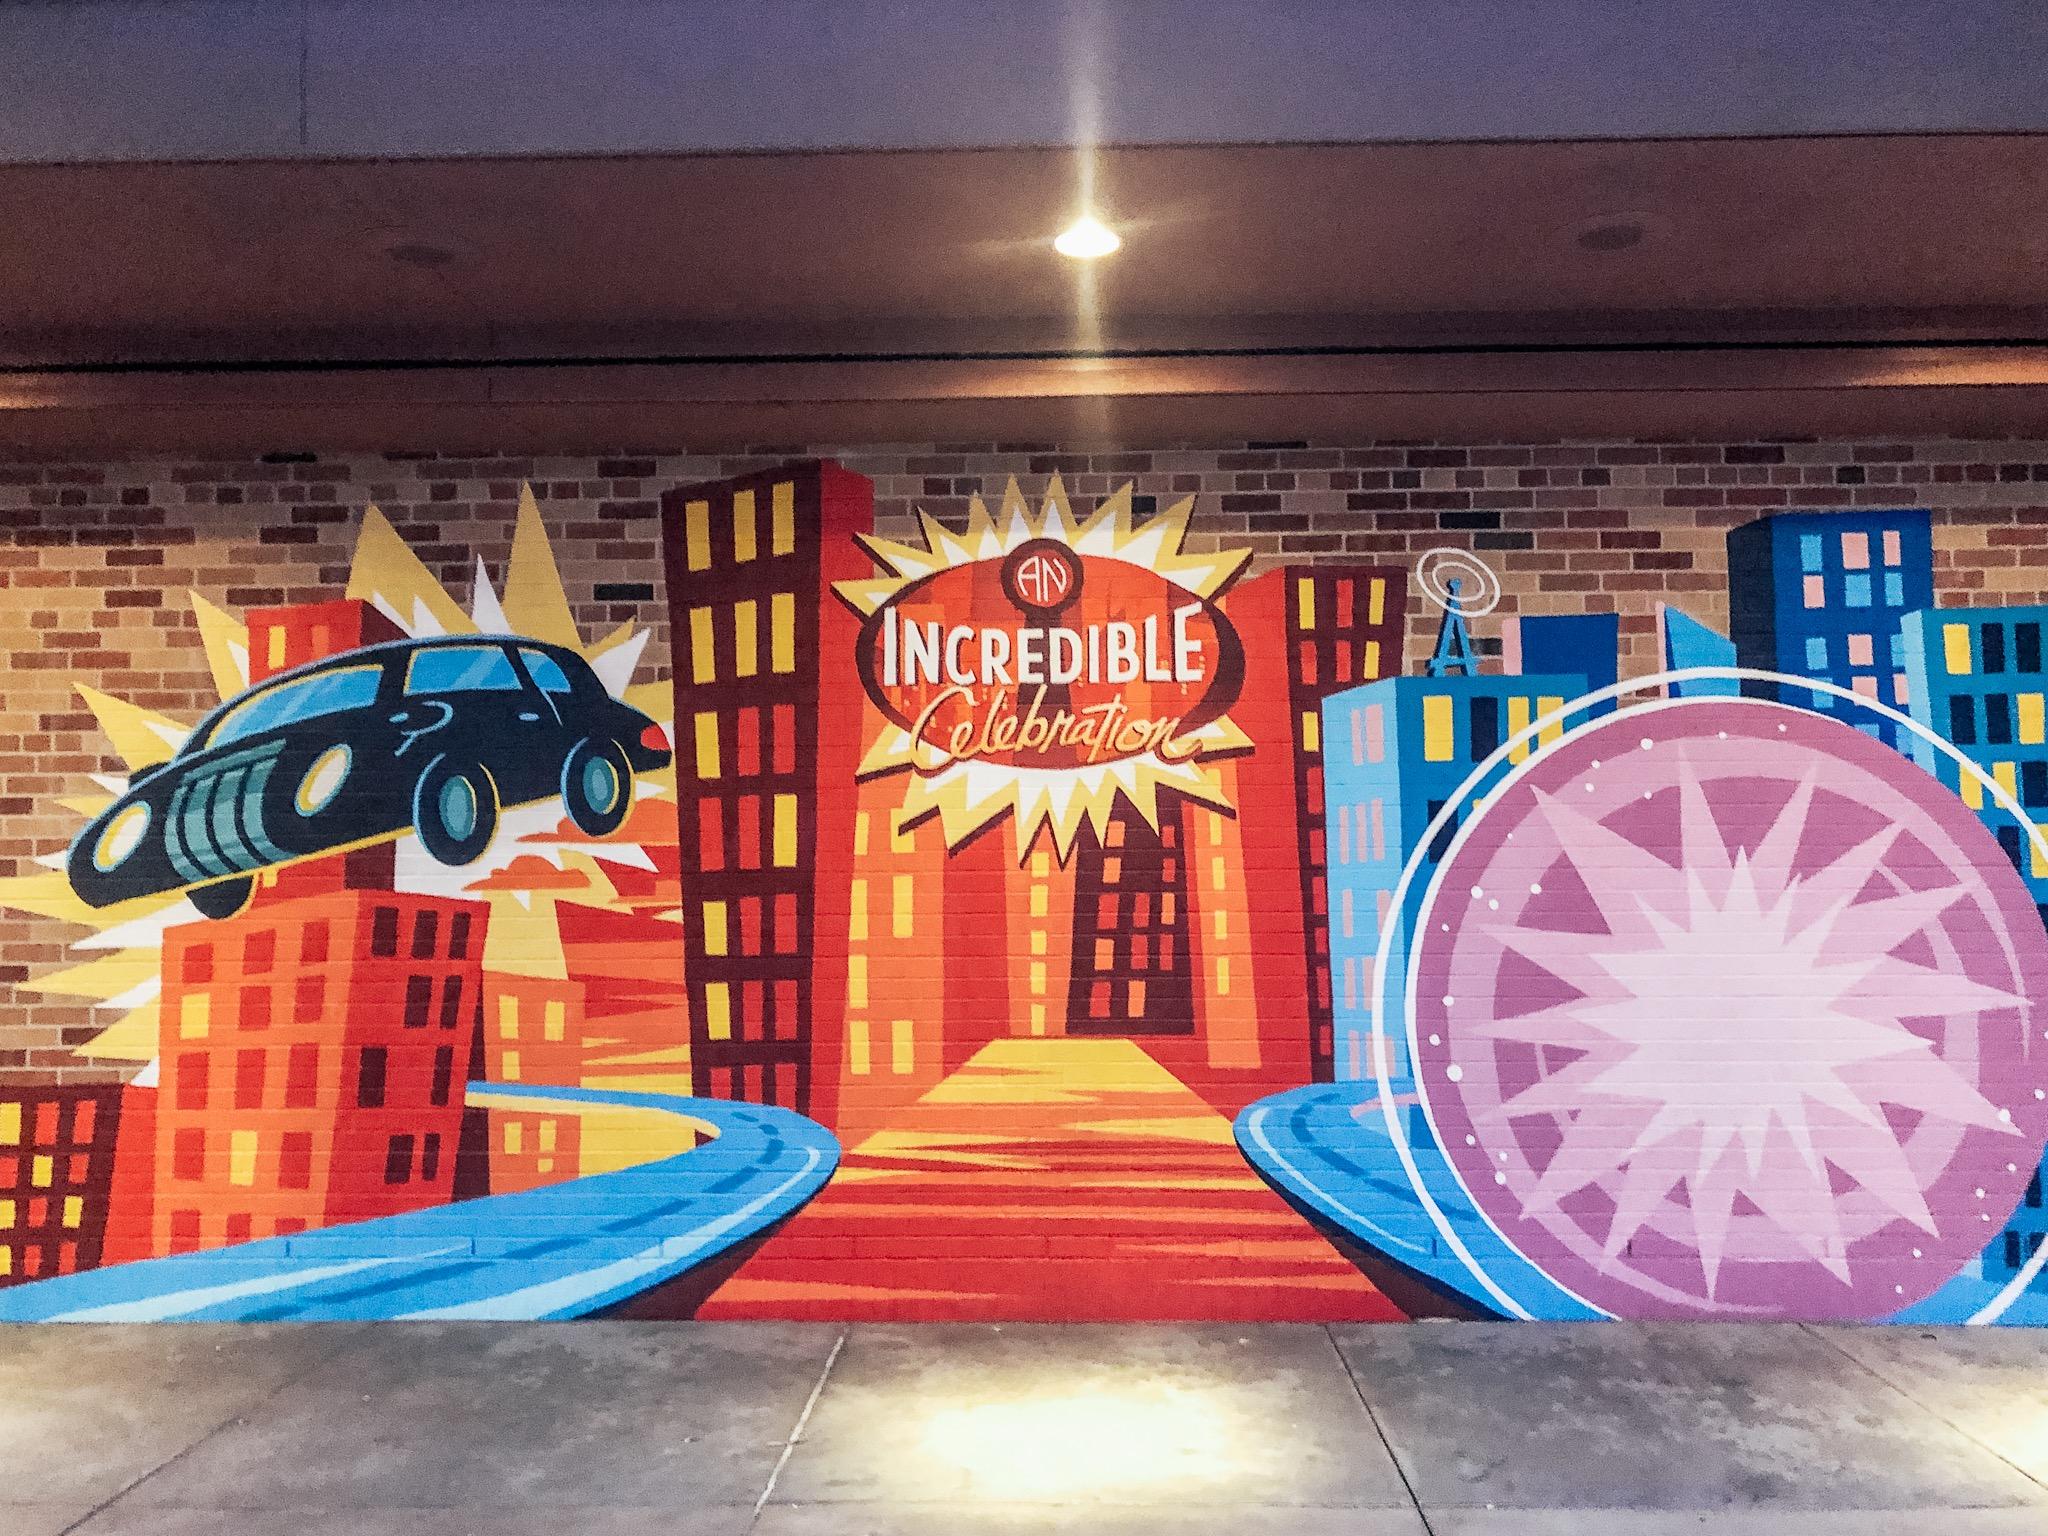 Incredibles Wall at Hollywood Studios